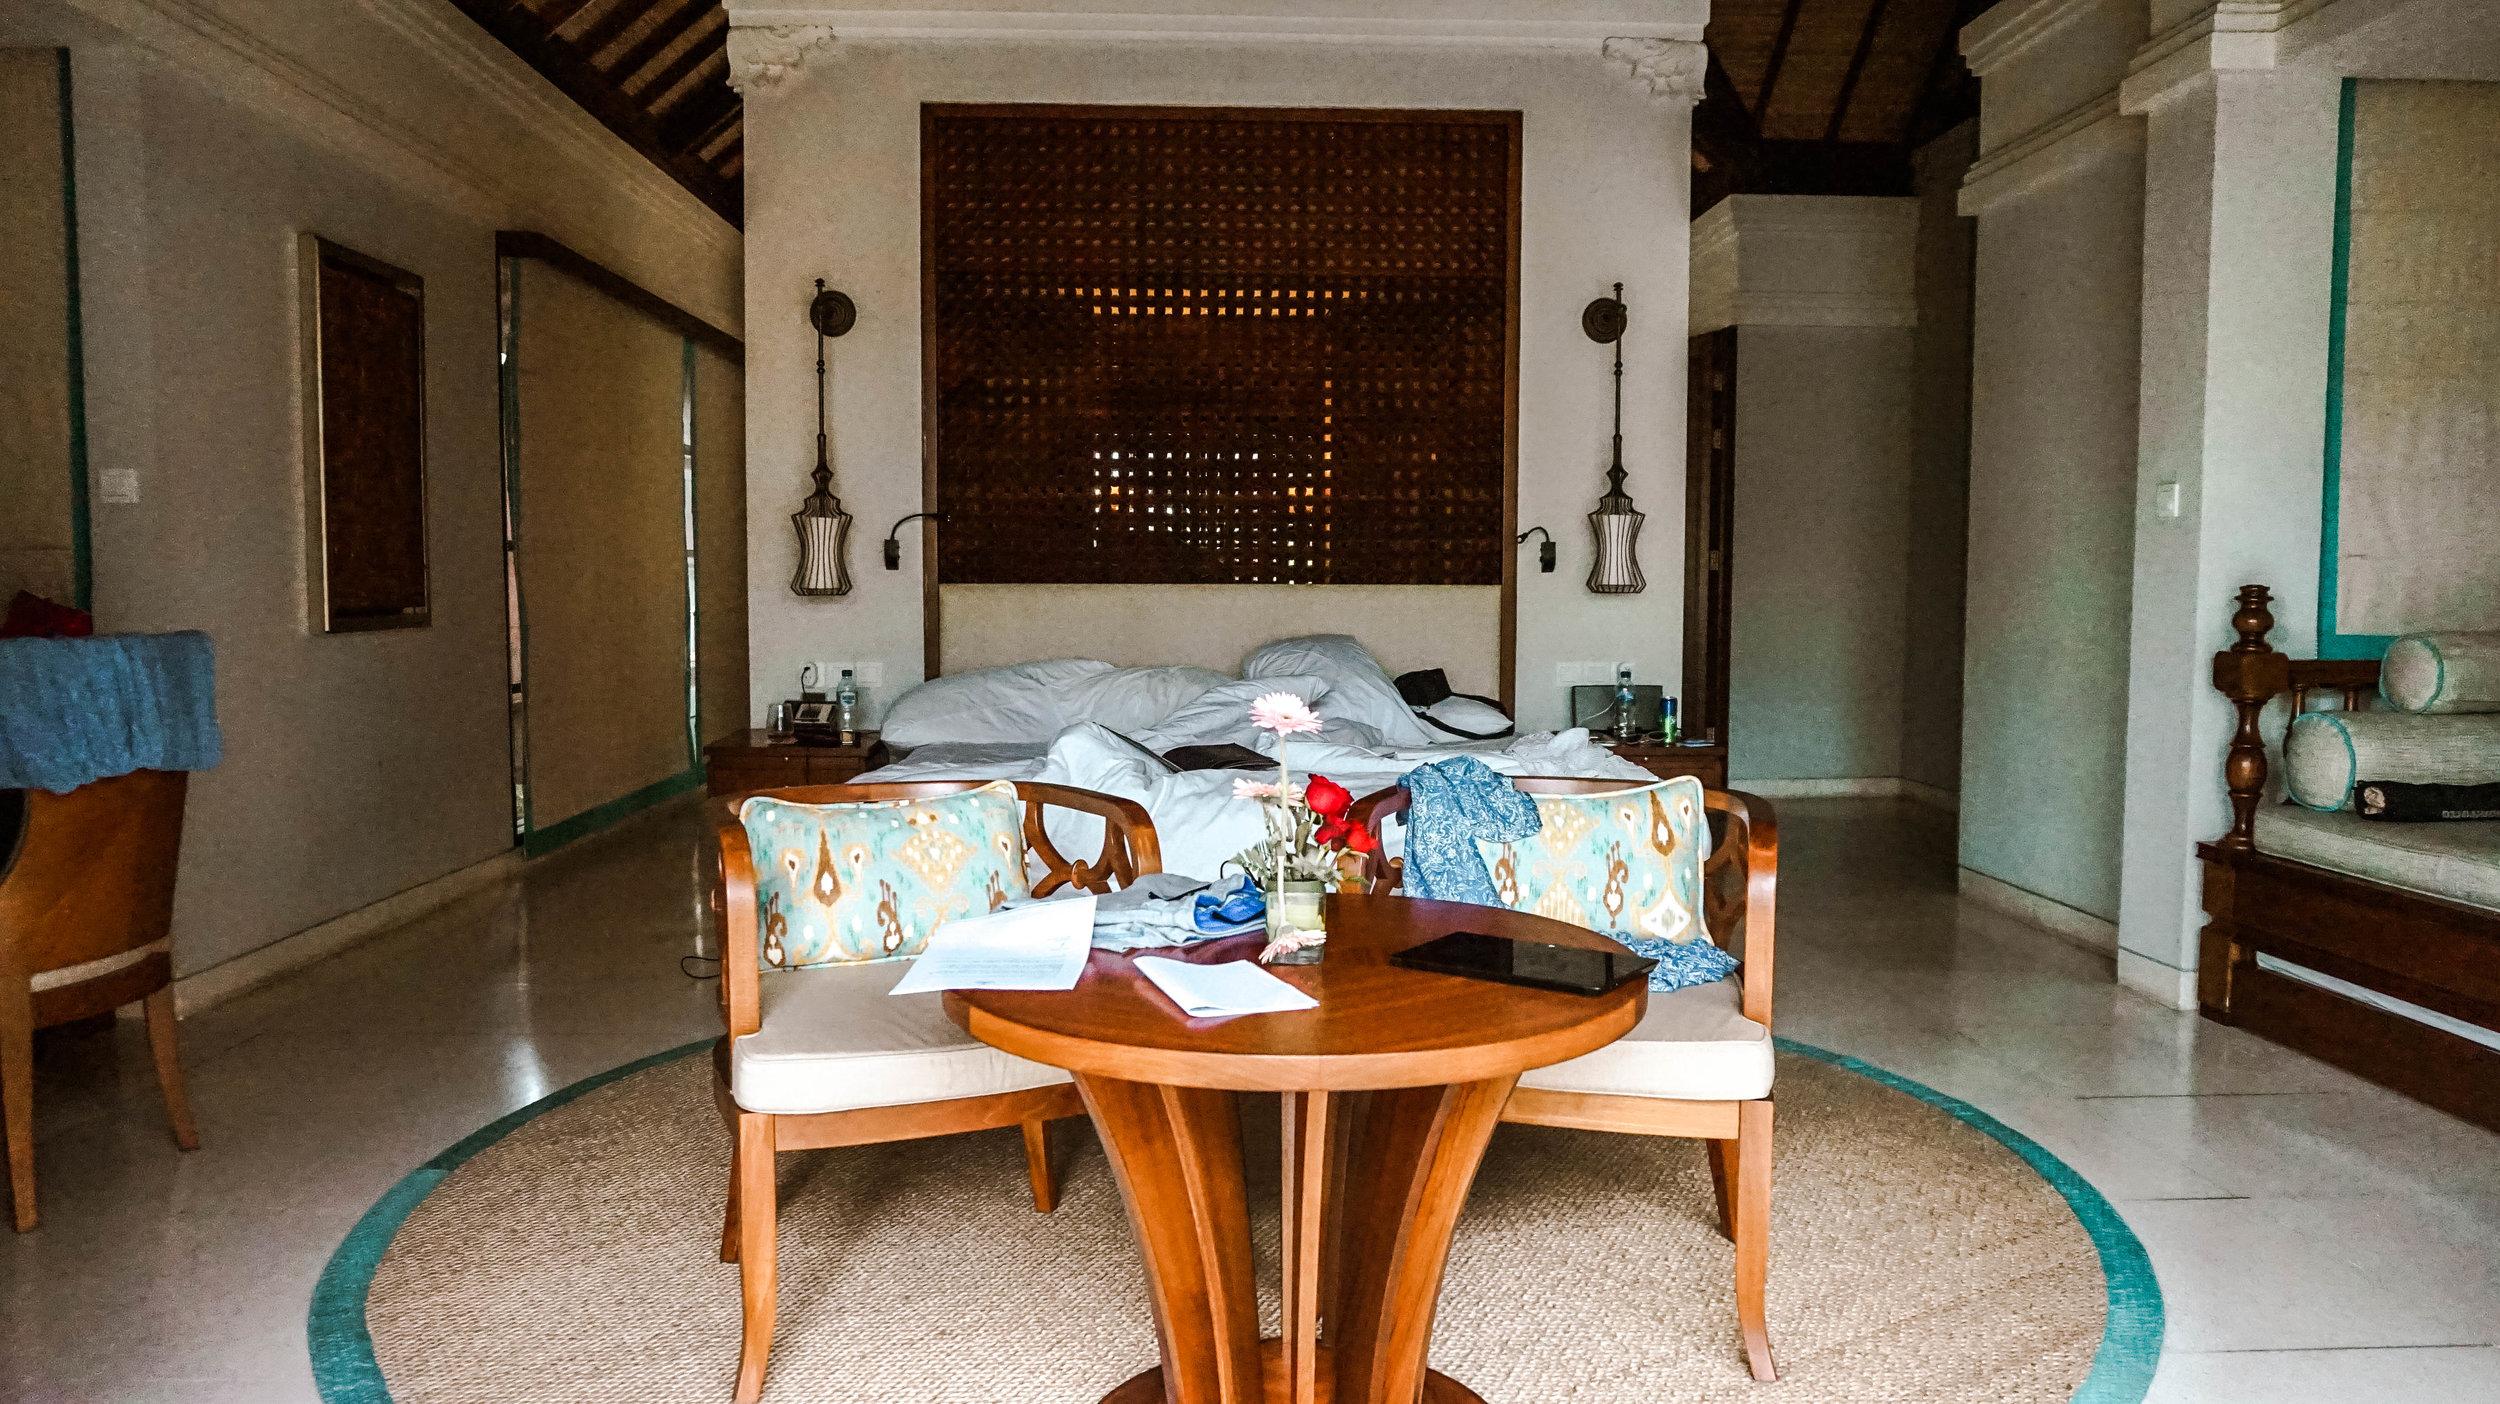 Hilton-bali-resort-1bedroom-villa.jpg